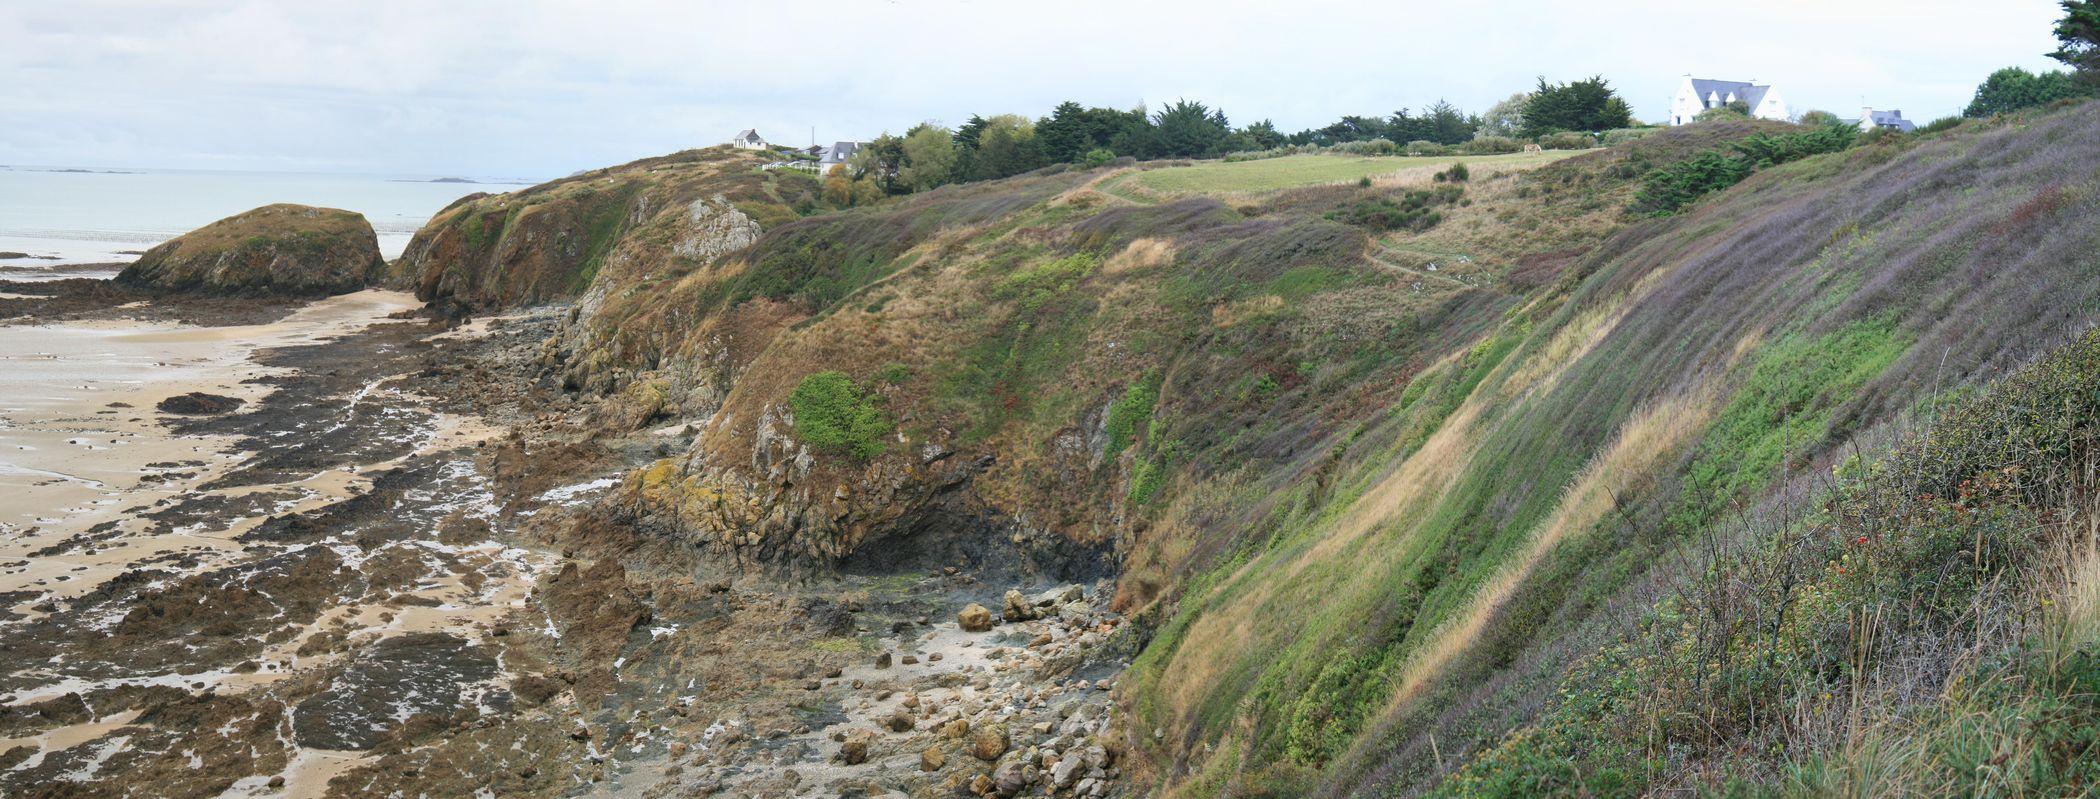 La Cotentin et les falaises de Planguenoual - Atelier INEX